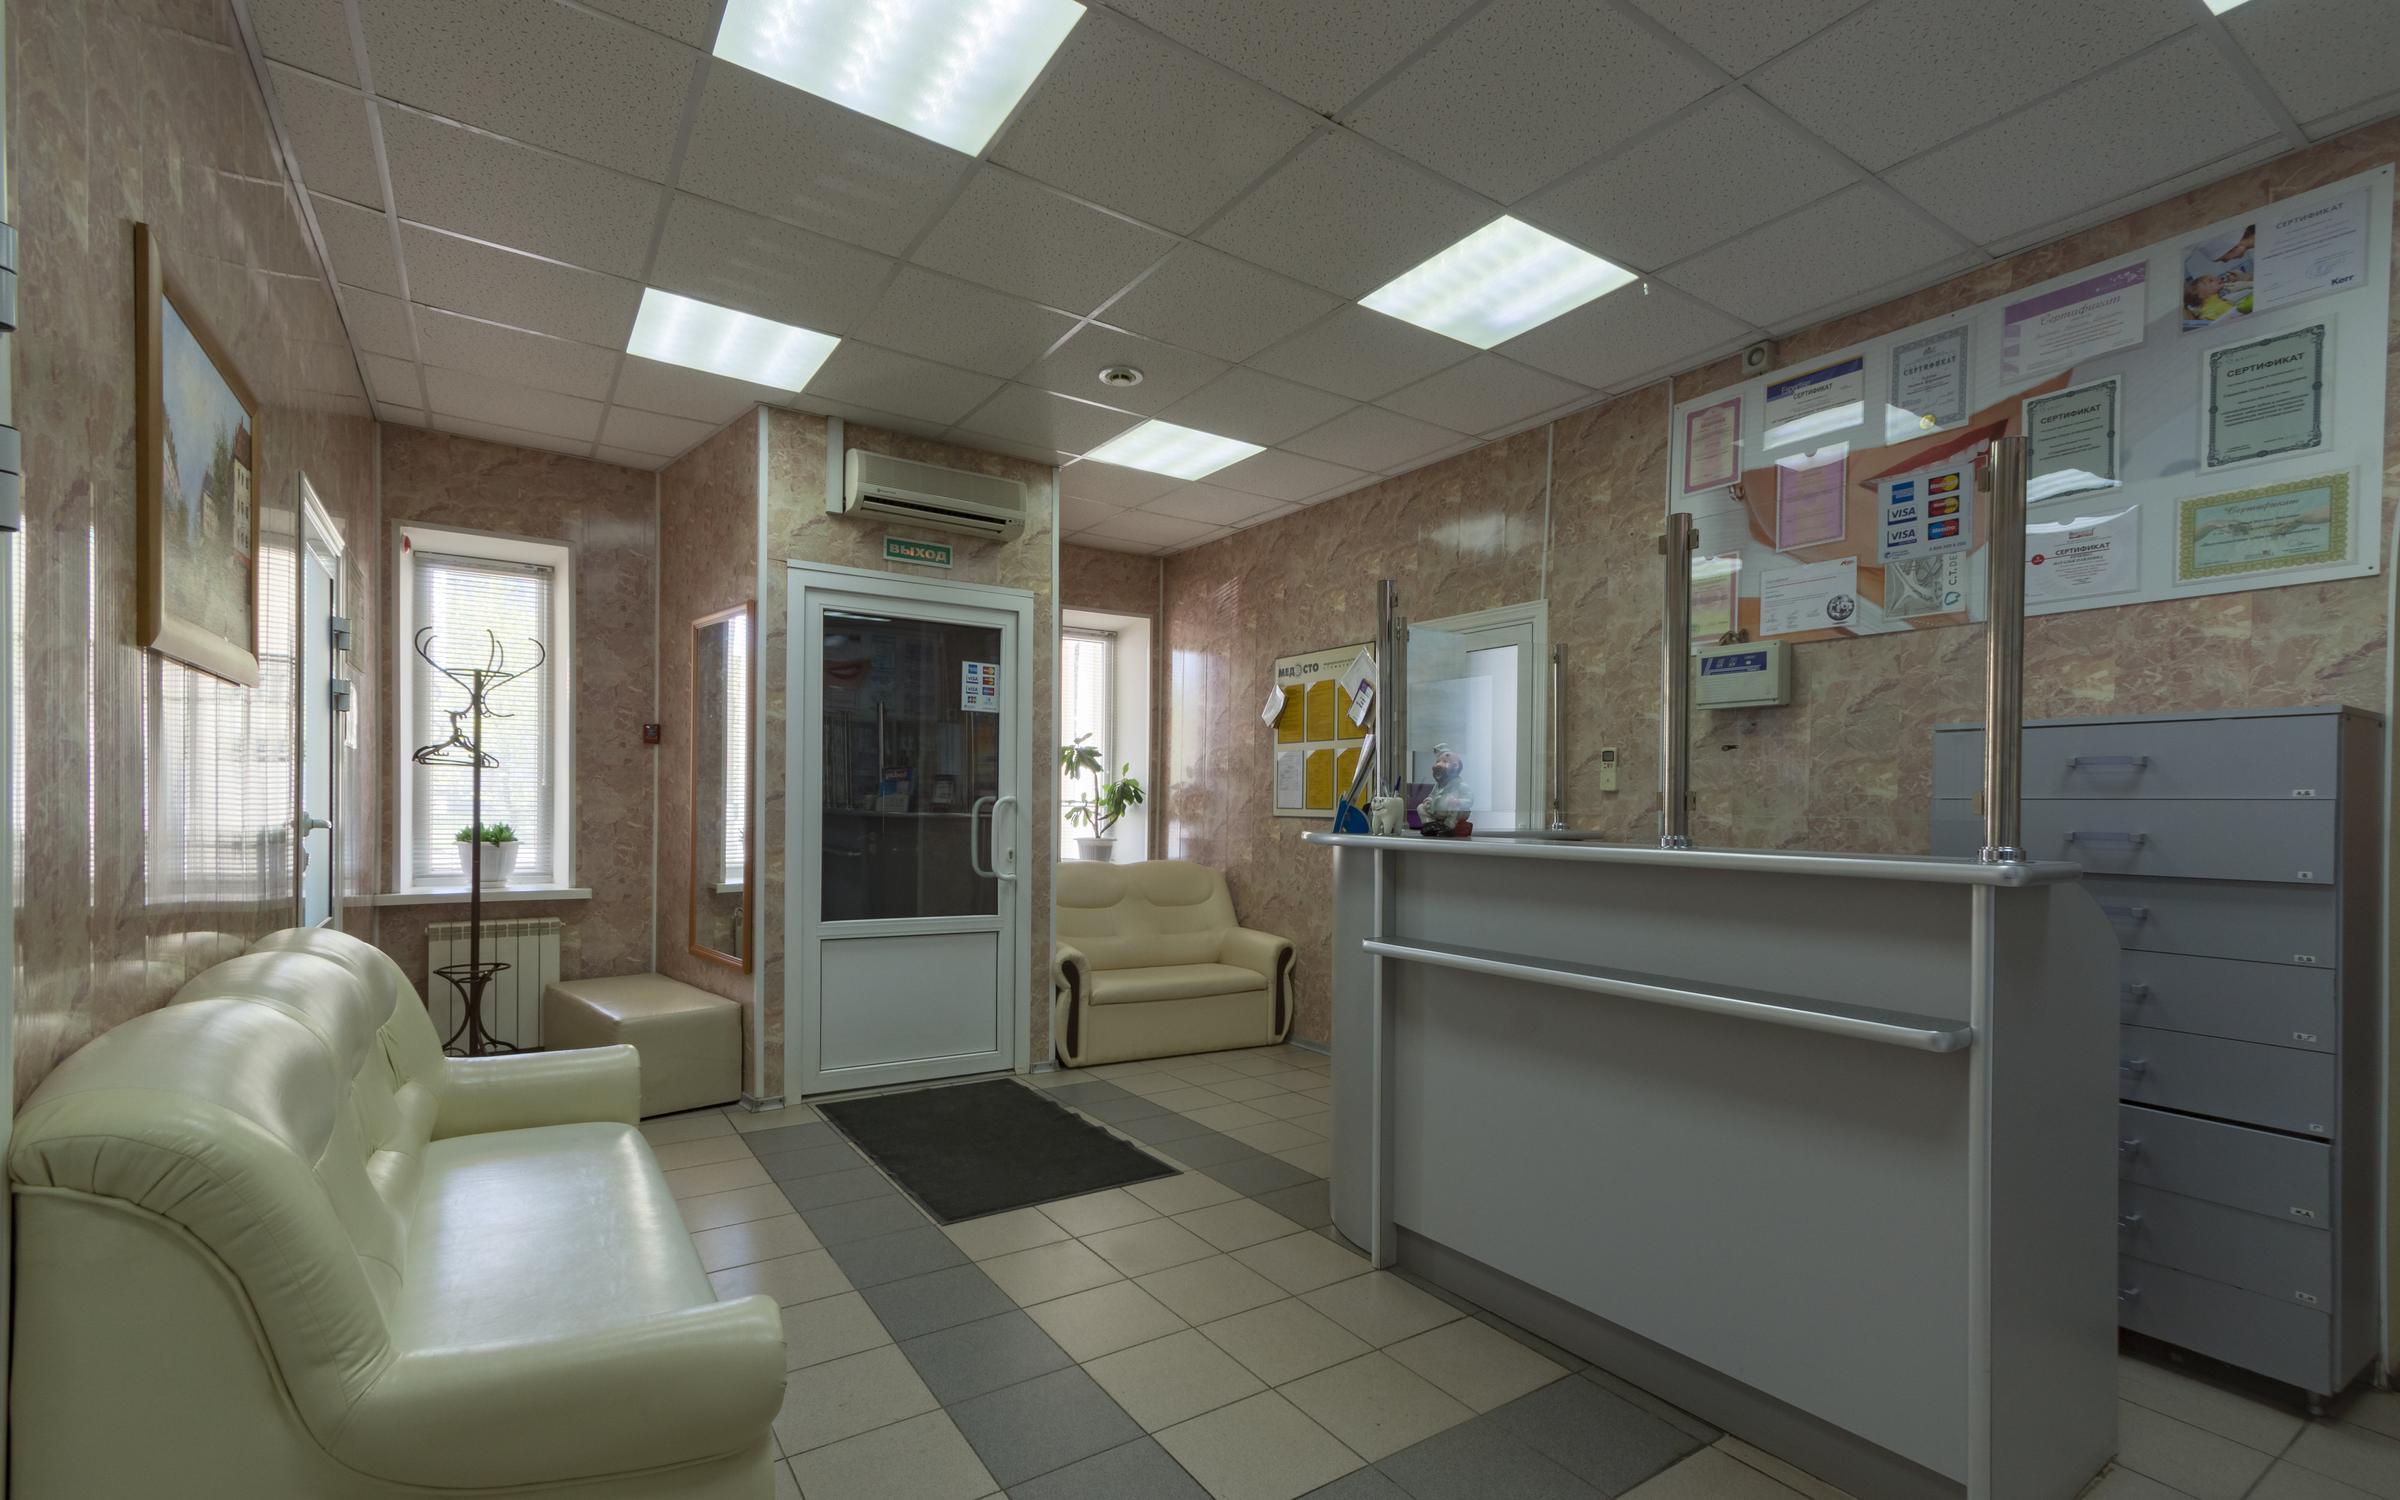 фотография Стоматологической клиники МедЭсто в Дзержинске